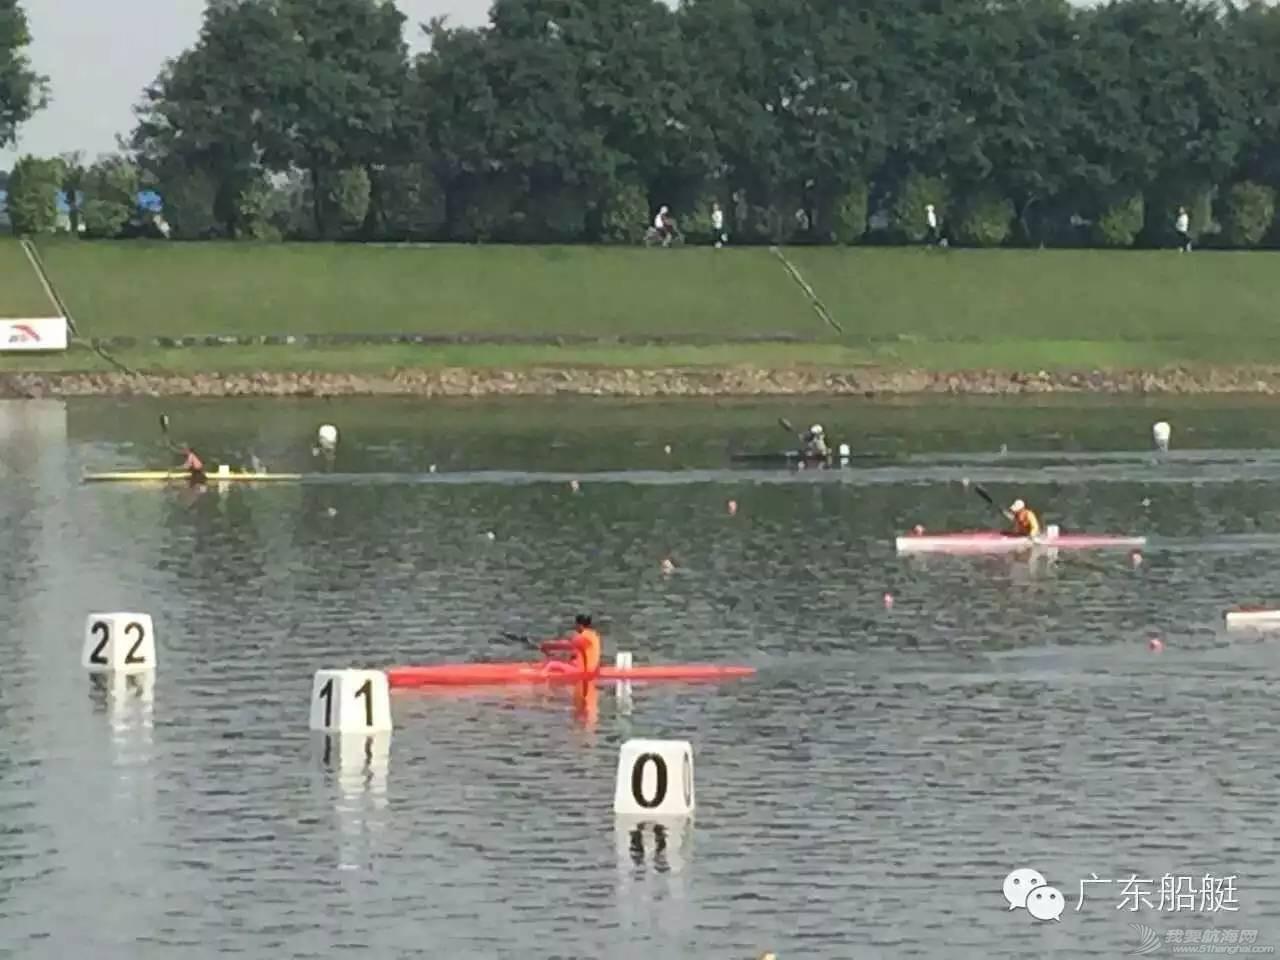 2015年全国皮划艇(静水)锦标赛正式开赛 85da6433efd3fdf19c6e22a3d80398cb.jpg